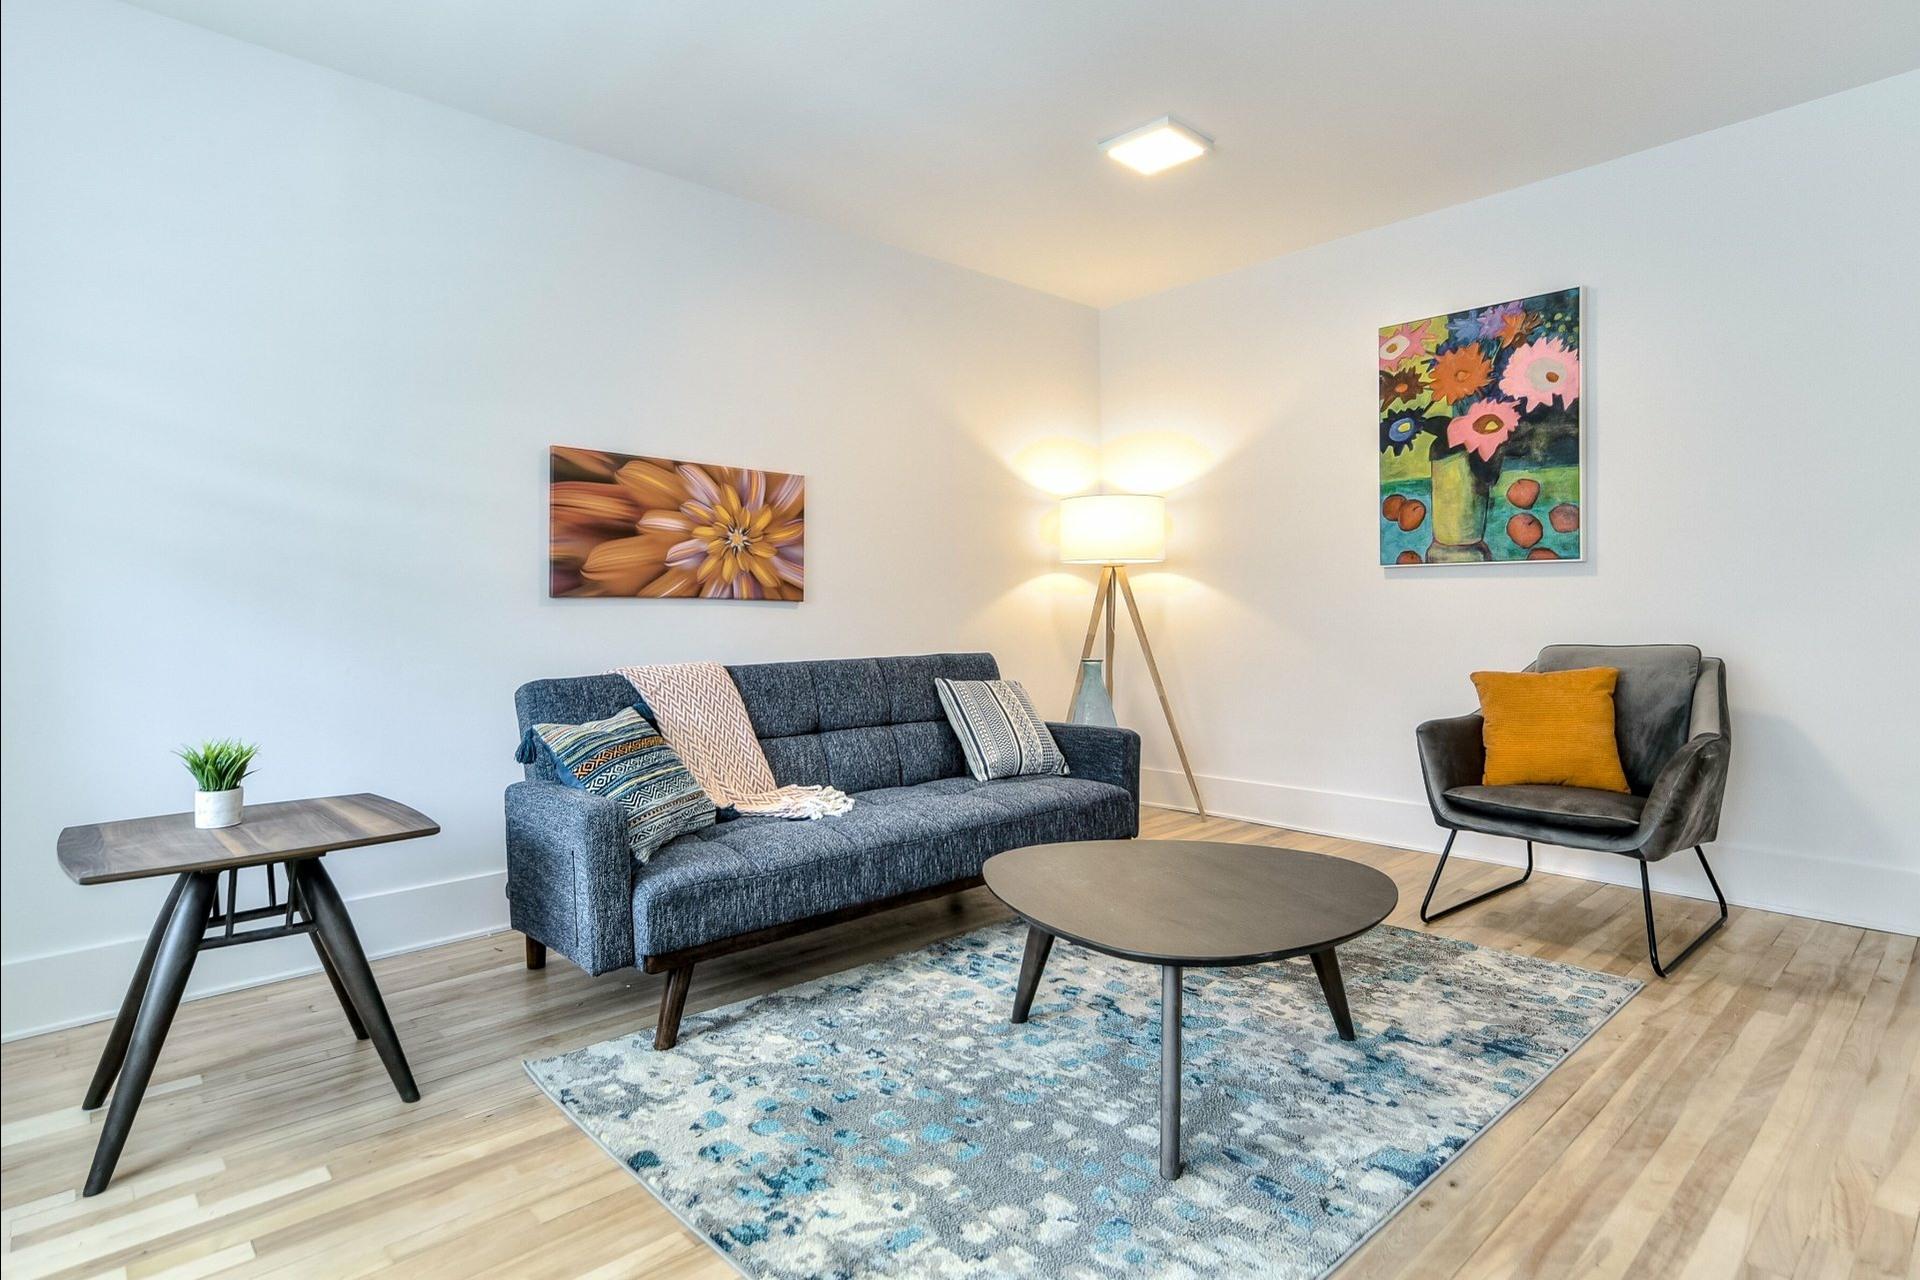 image 28 - Immeuble à revenus À vendre Montréal Villeray/Saint-Michel/Parc-Extension  - 3 pièces